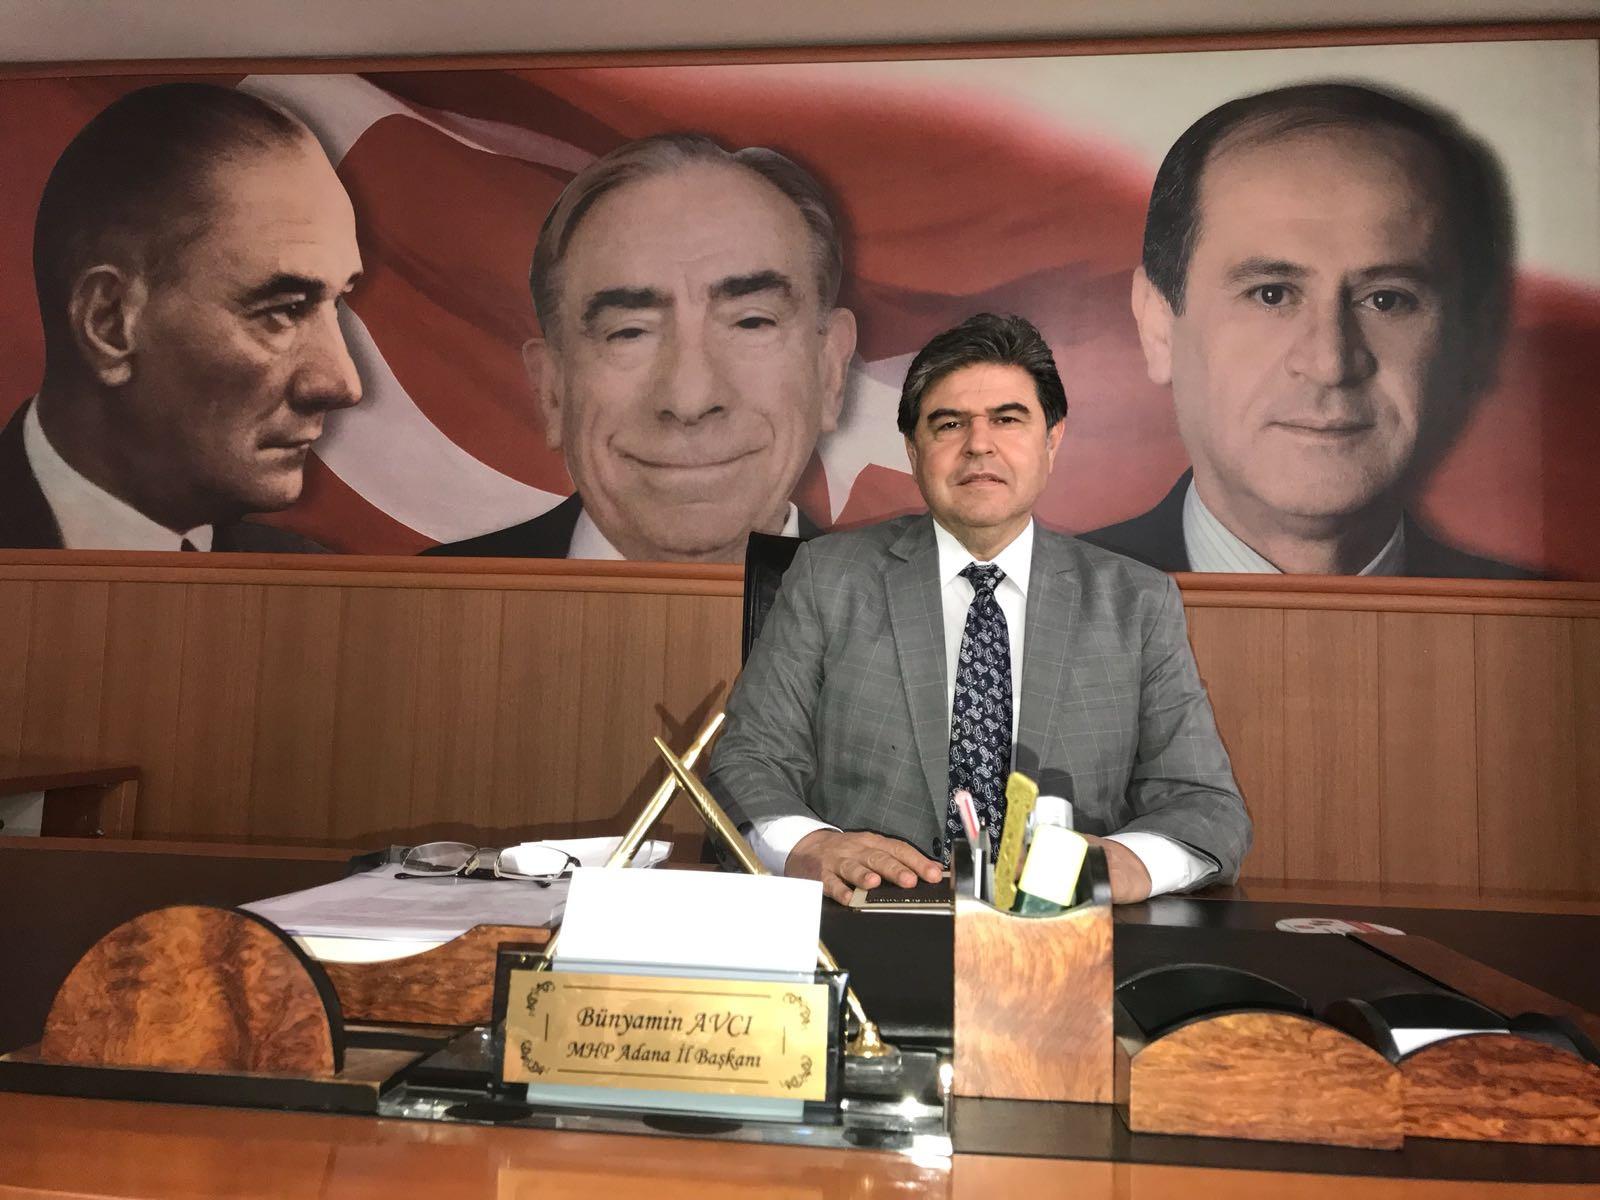 MHP Adana İl Başkanı Bünyamin Avcı'dan Nevruz Bayramı mesajı...